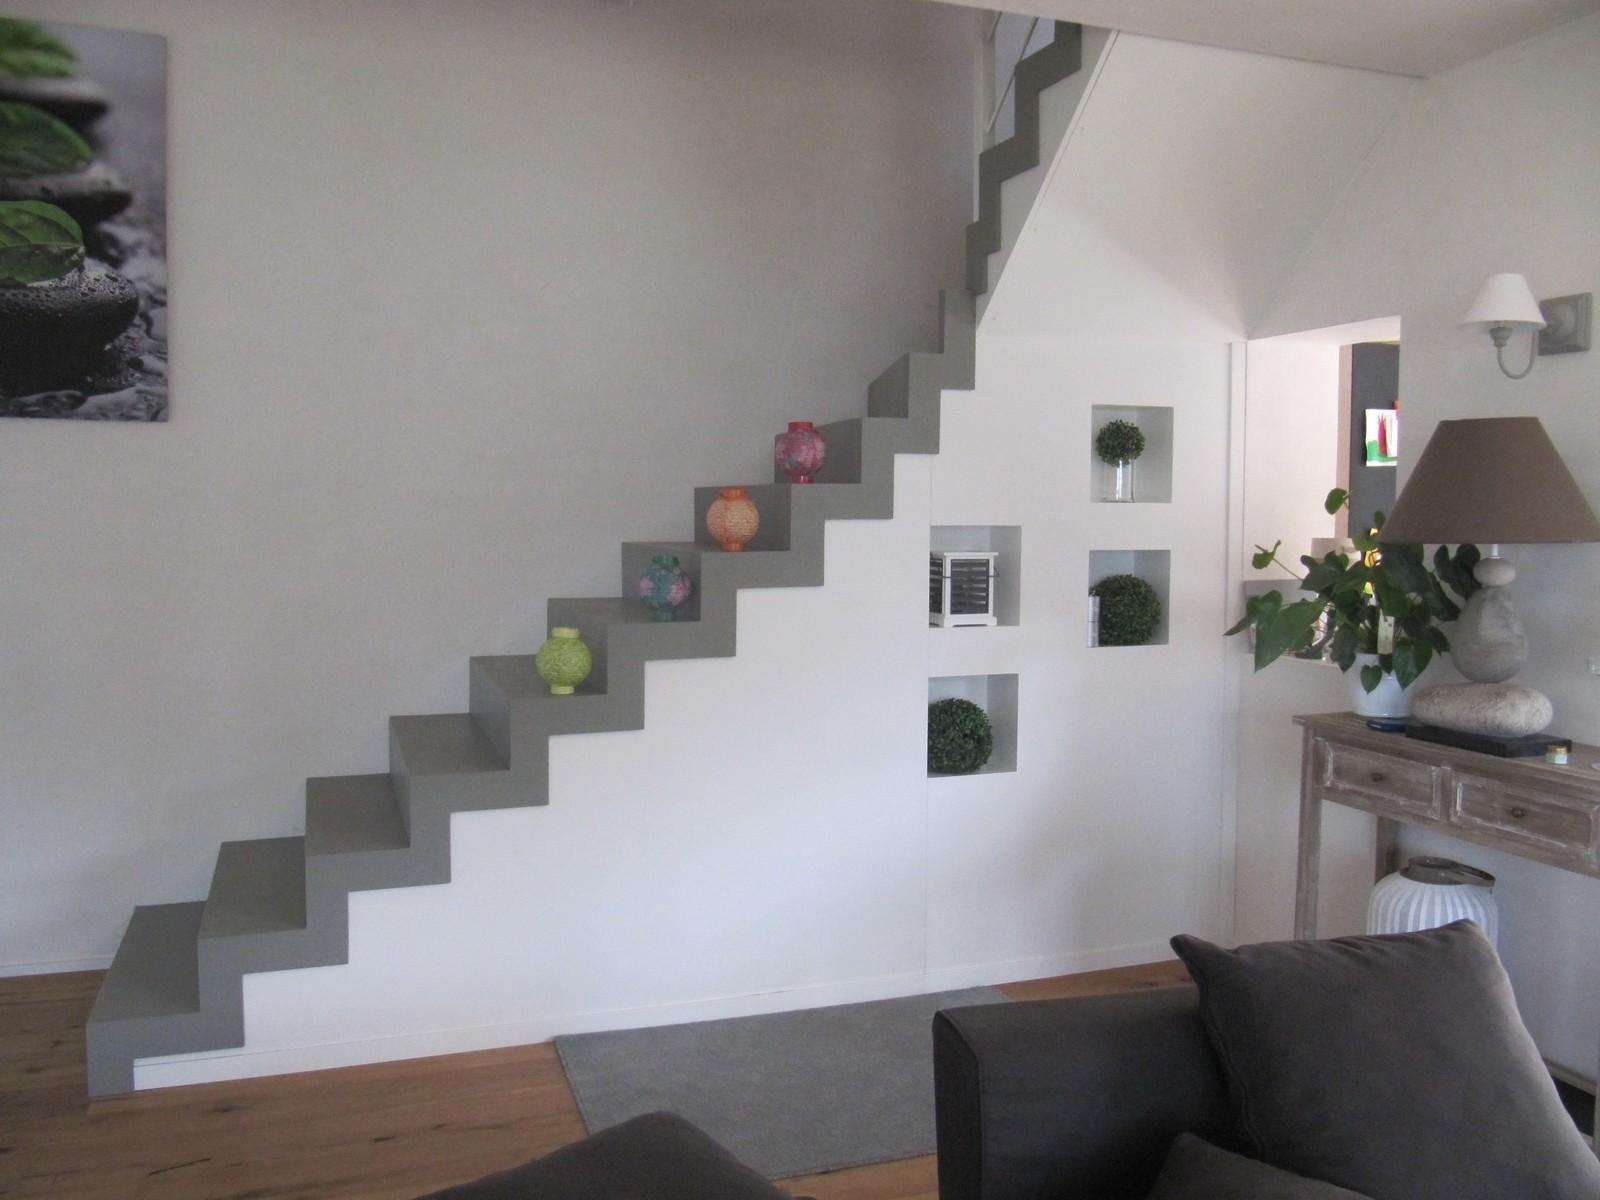 Accueil depuis plus de 40 ans l 39 entreprise glotin est sp cialis e dans - Fabrication escalier beton ...